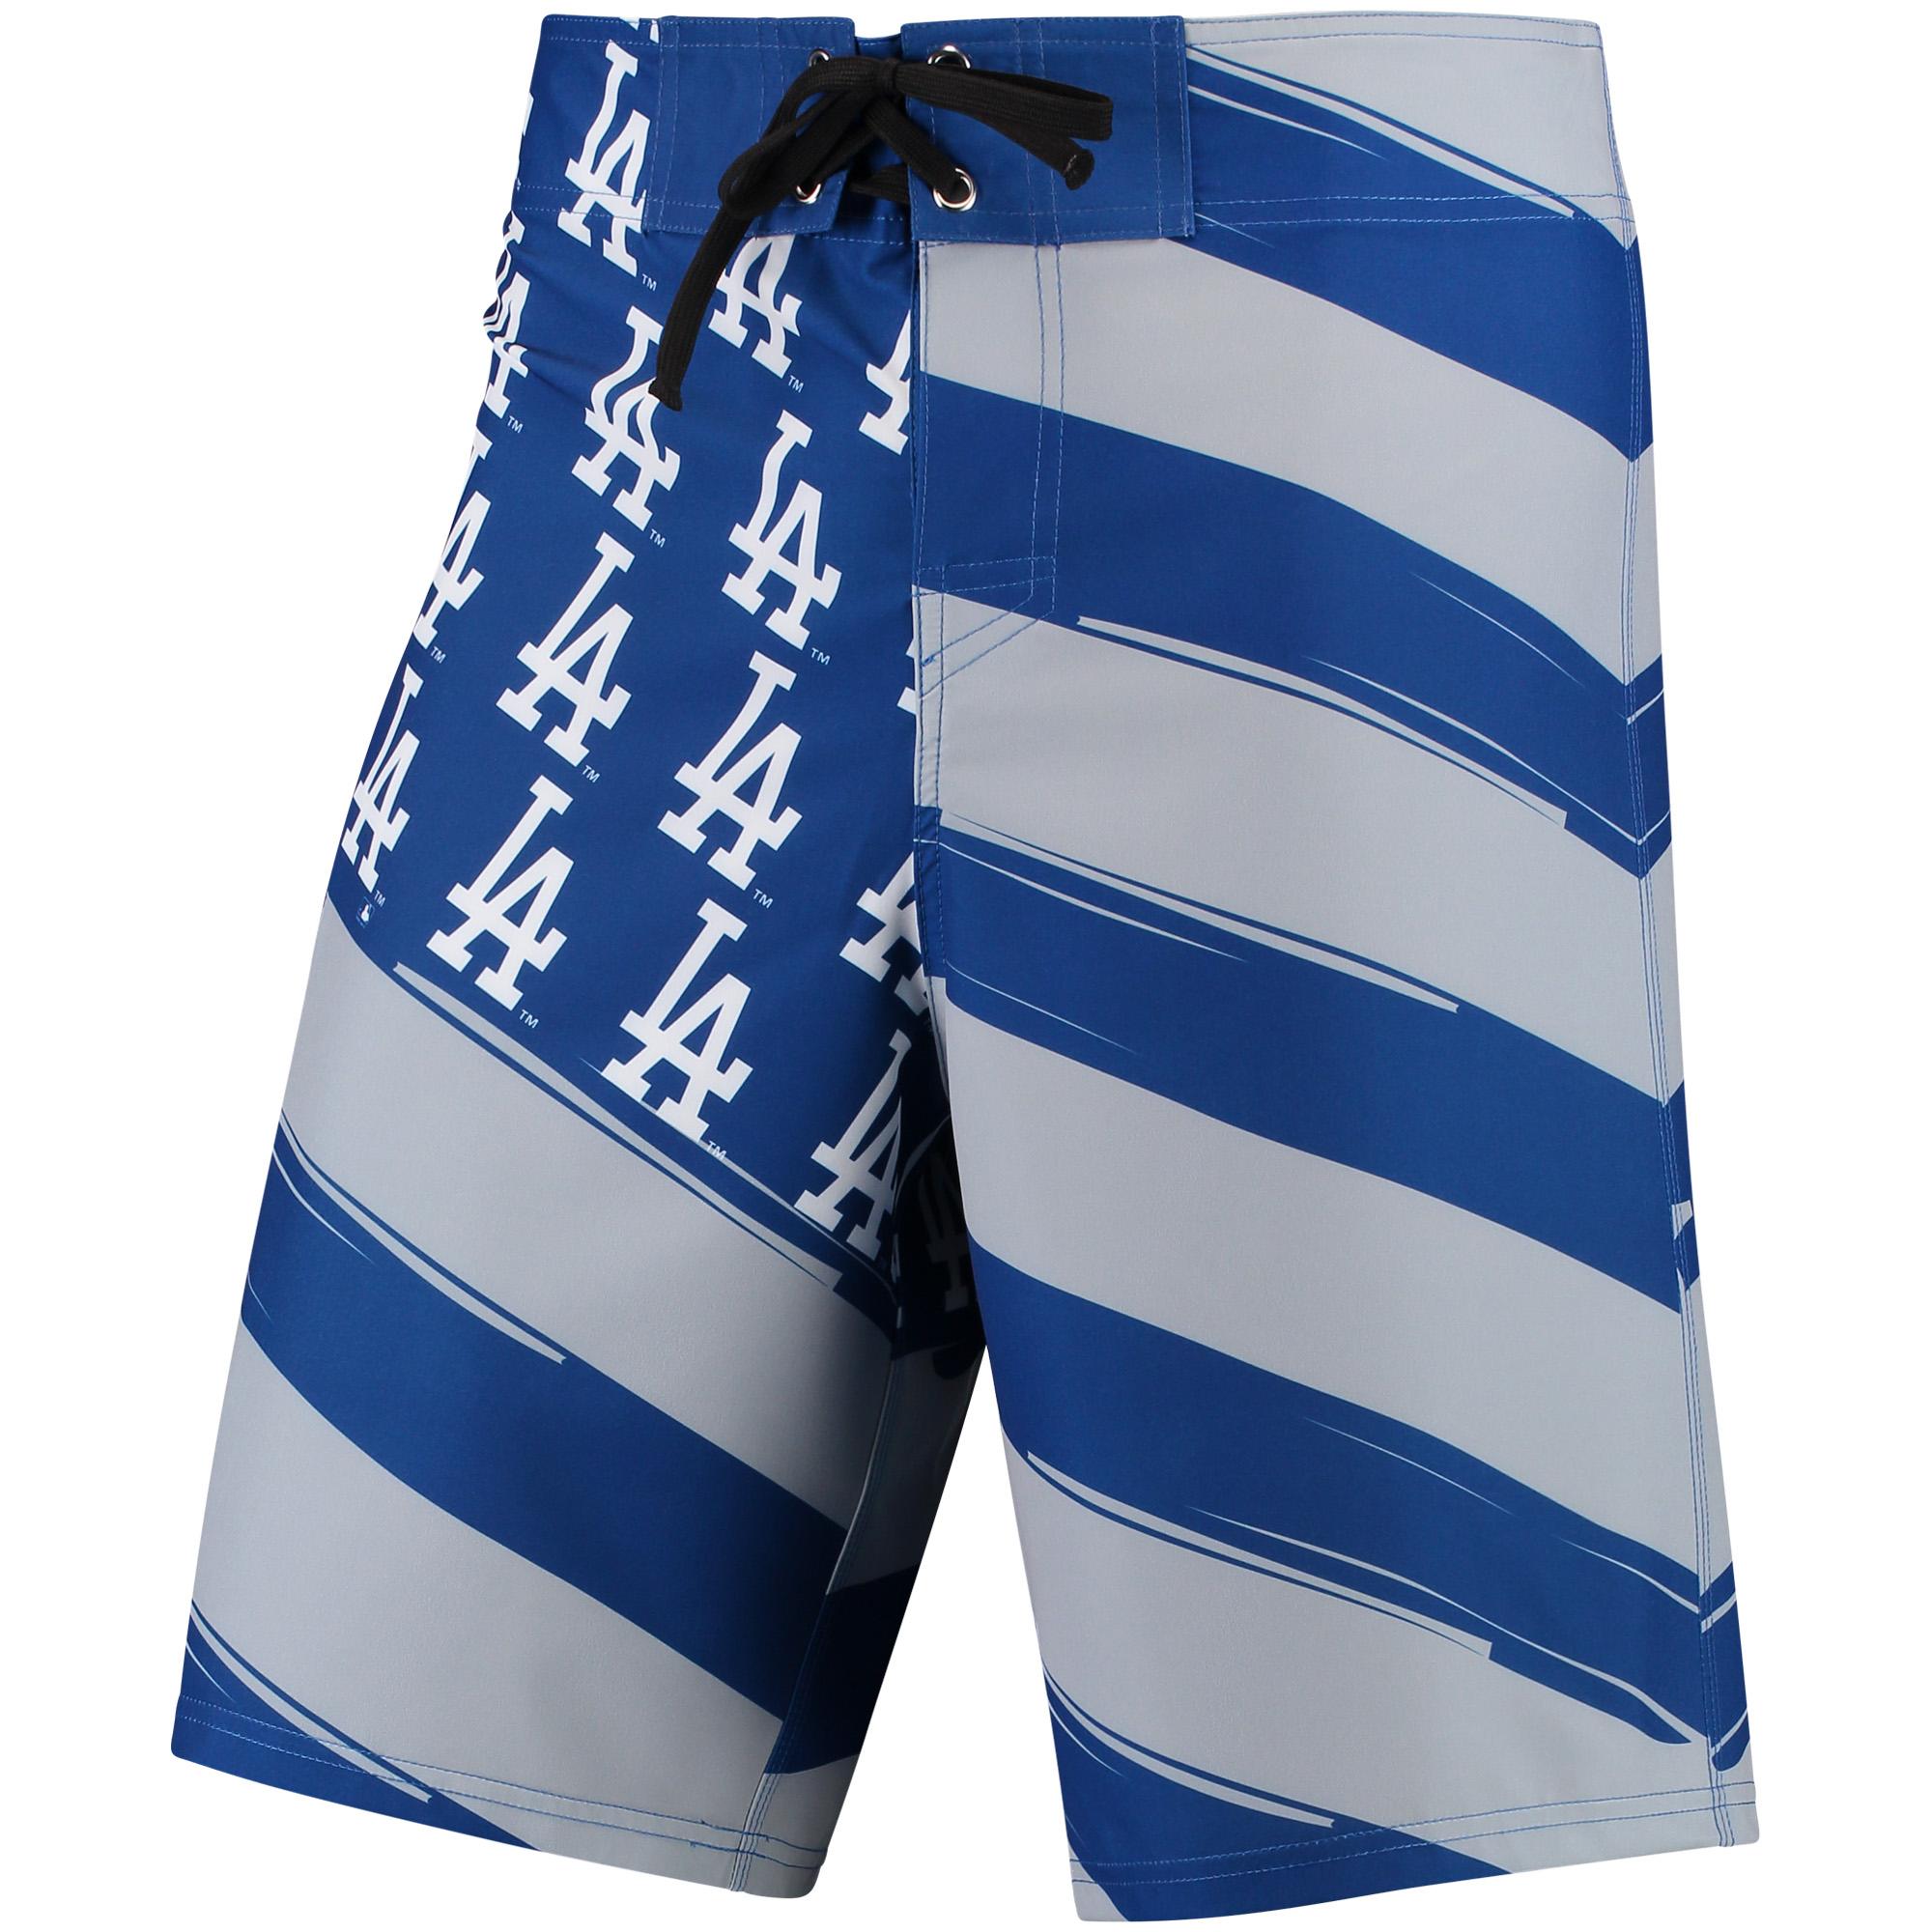 Los Angeles Dodgers Diagonal Flag Boardshorts - Royal/Gray